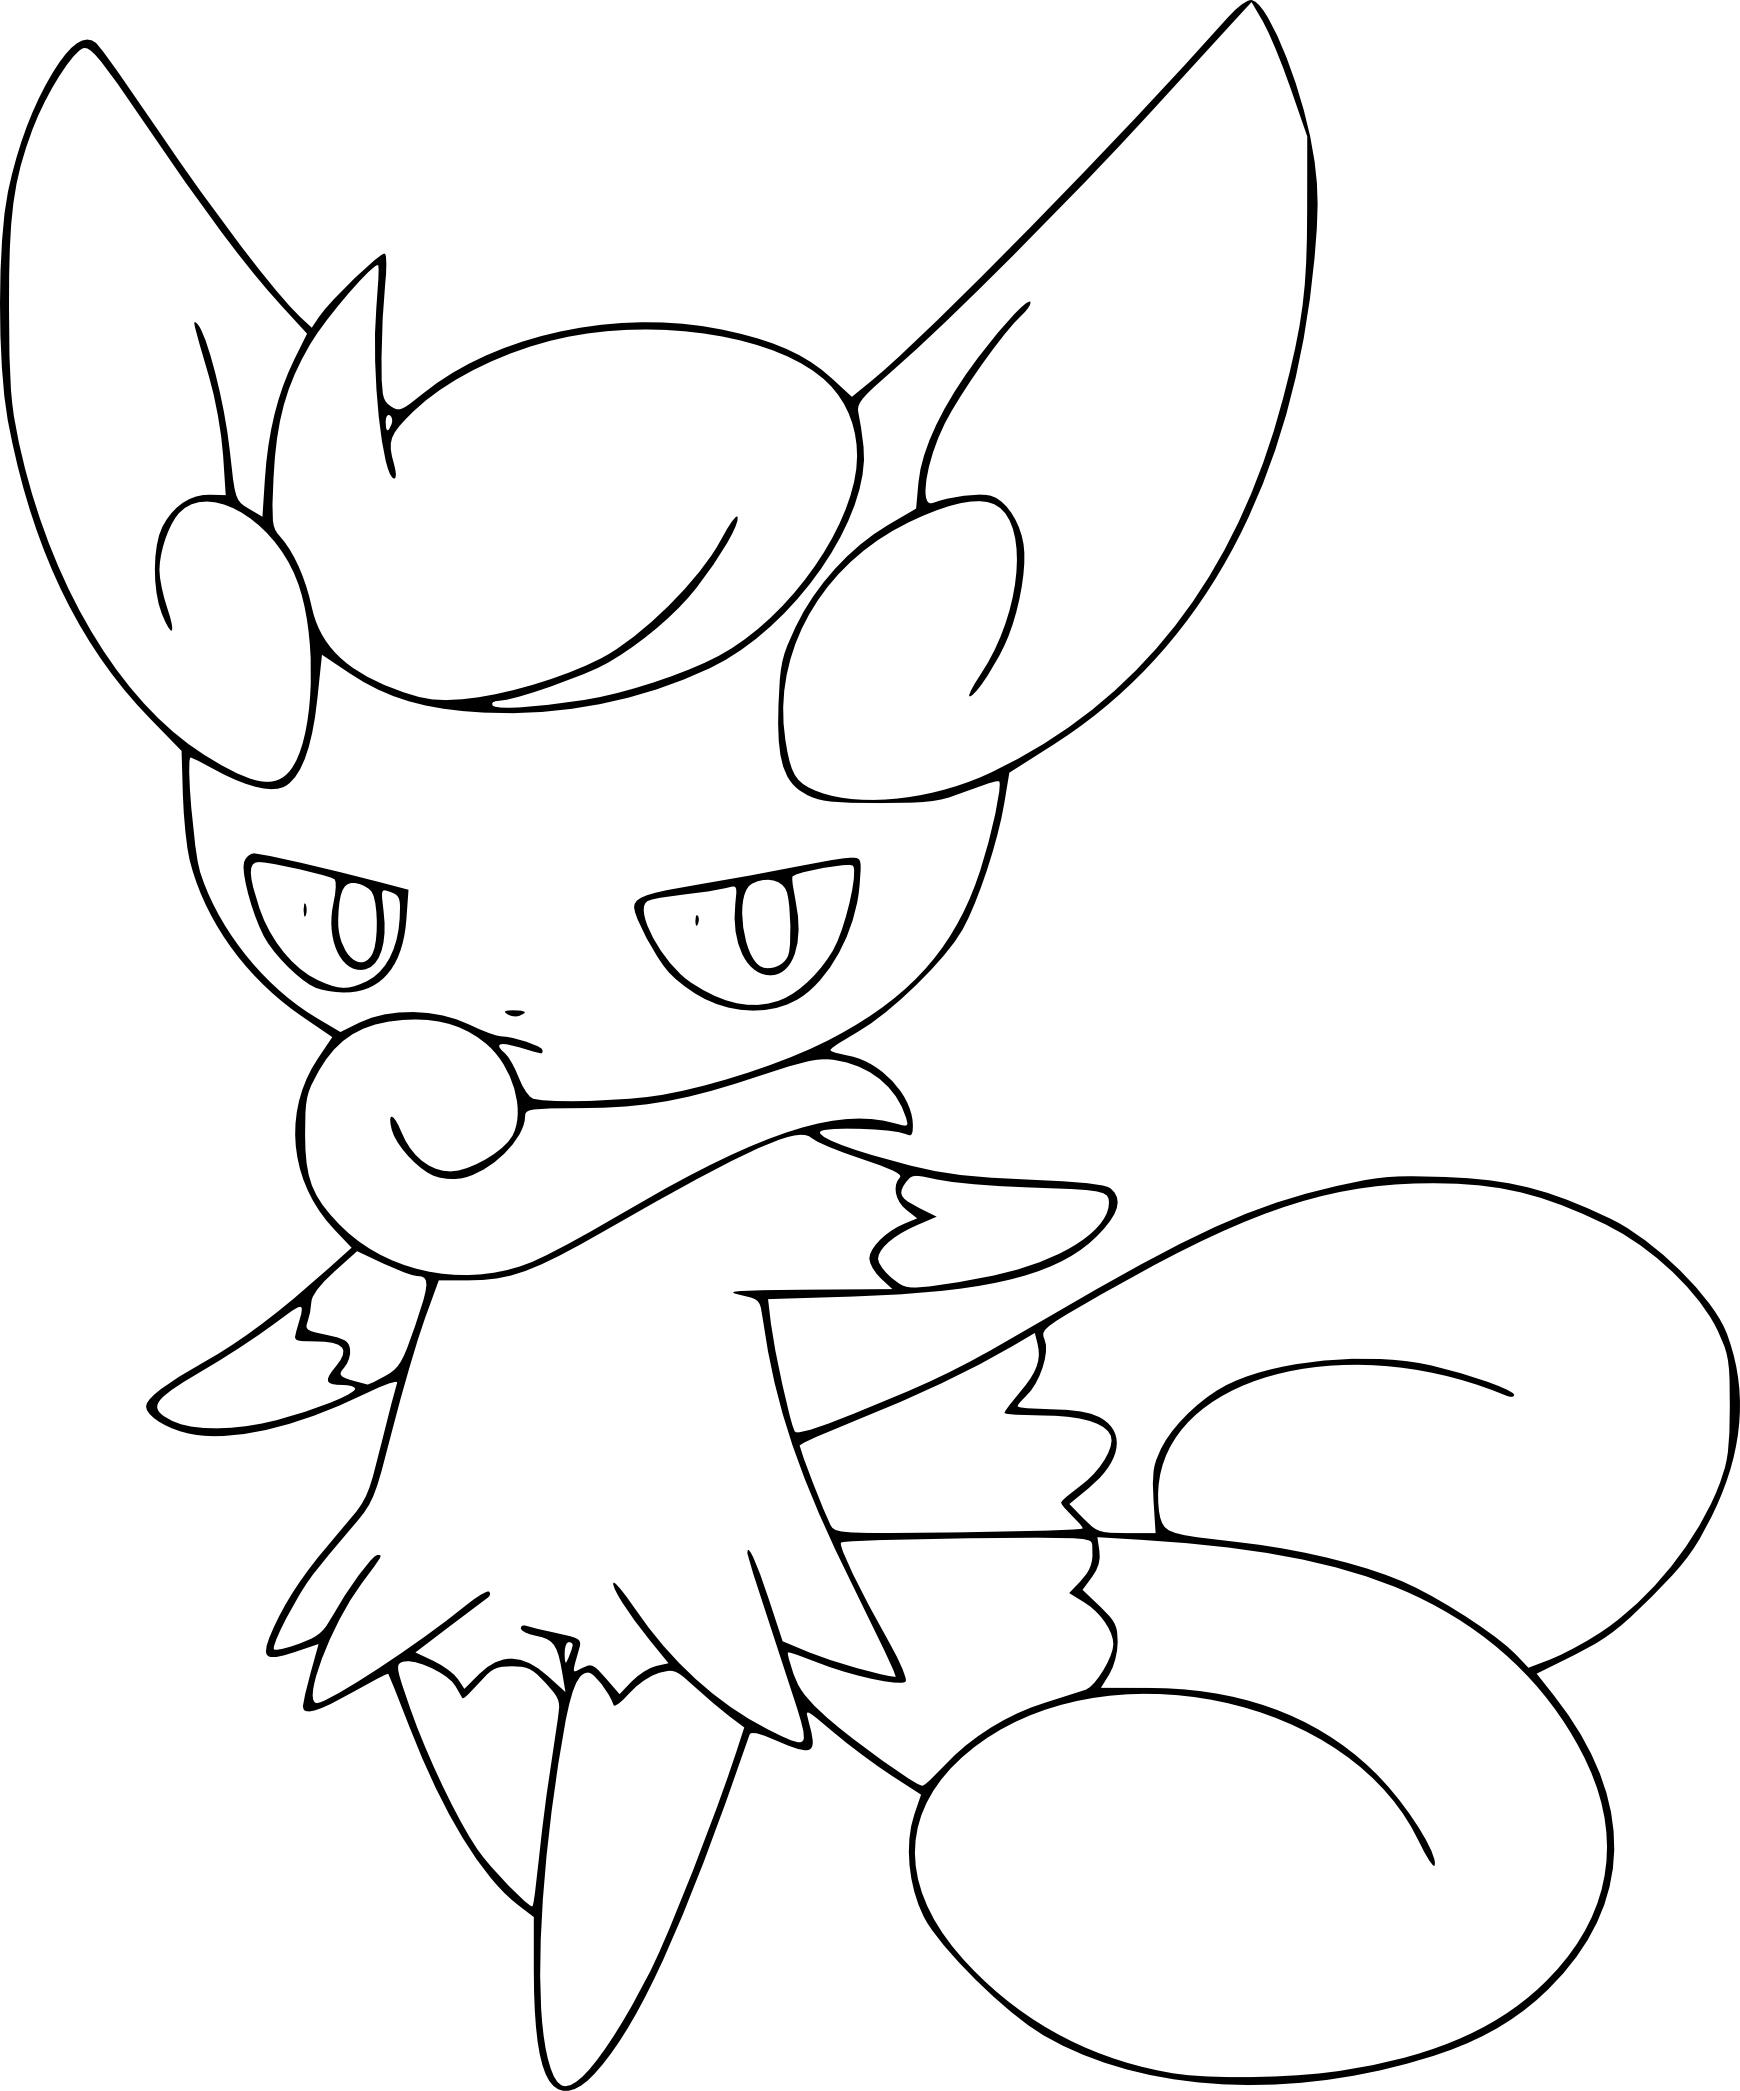 Frais Dessin A Imprimer Pokemon Kyurem Blanc